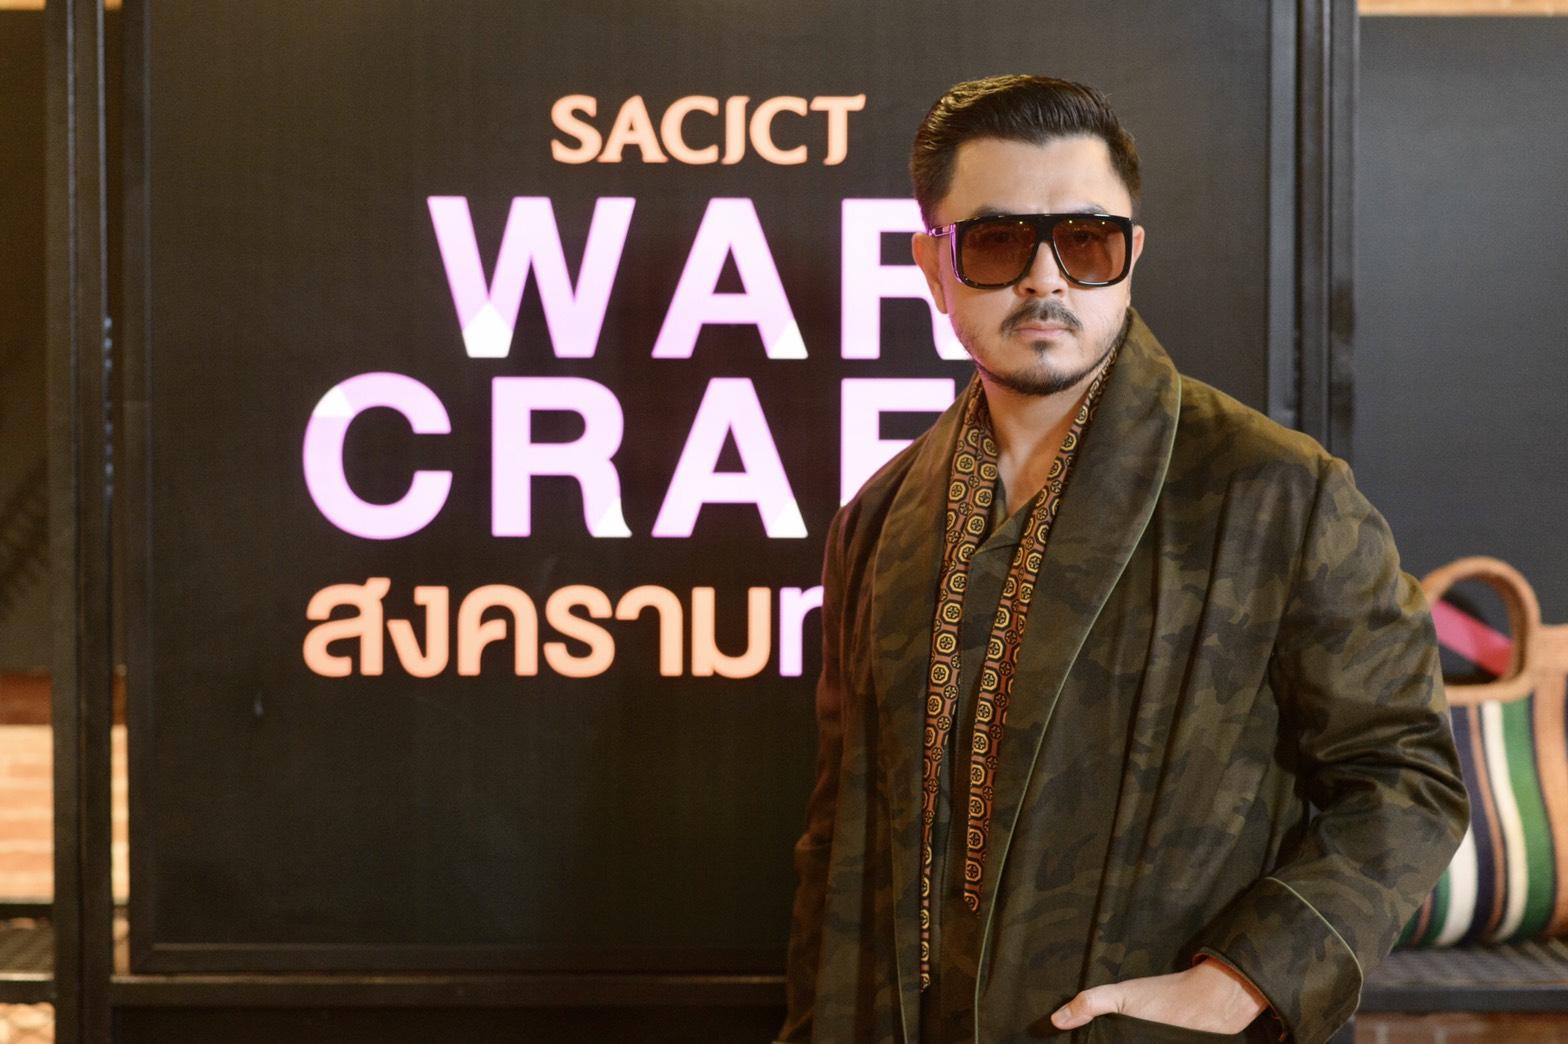 หมู Asava – พลพัฒน์ อัศวะประภา เจ้าของแบรนด์เสื้อผ้าเรียบหรูแนวหน้าของเมืองไทย